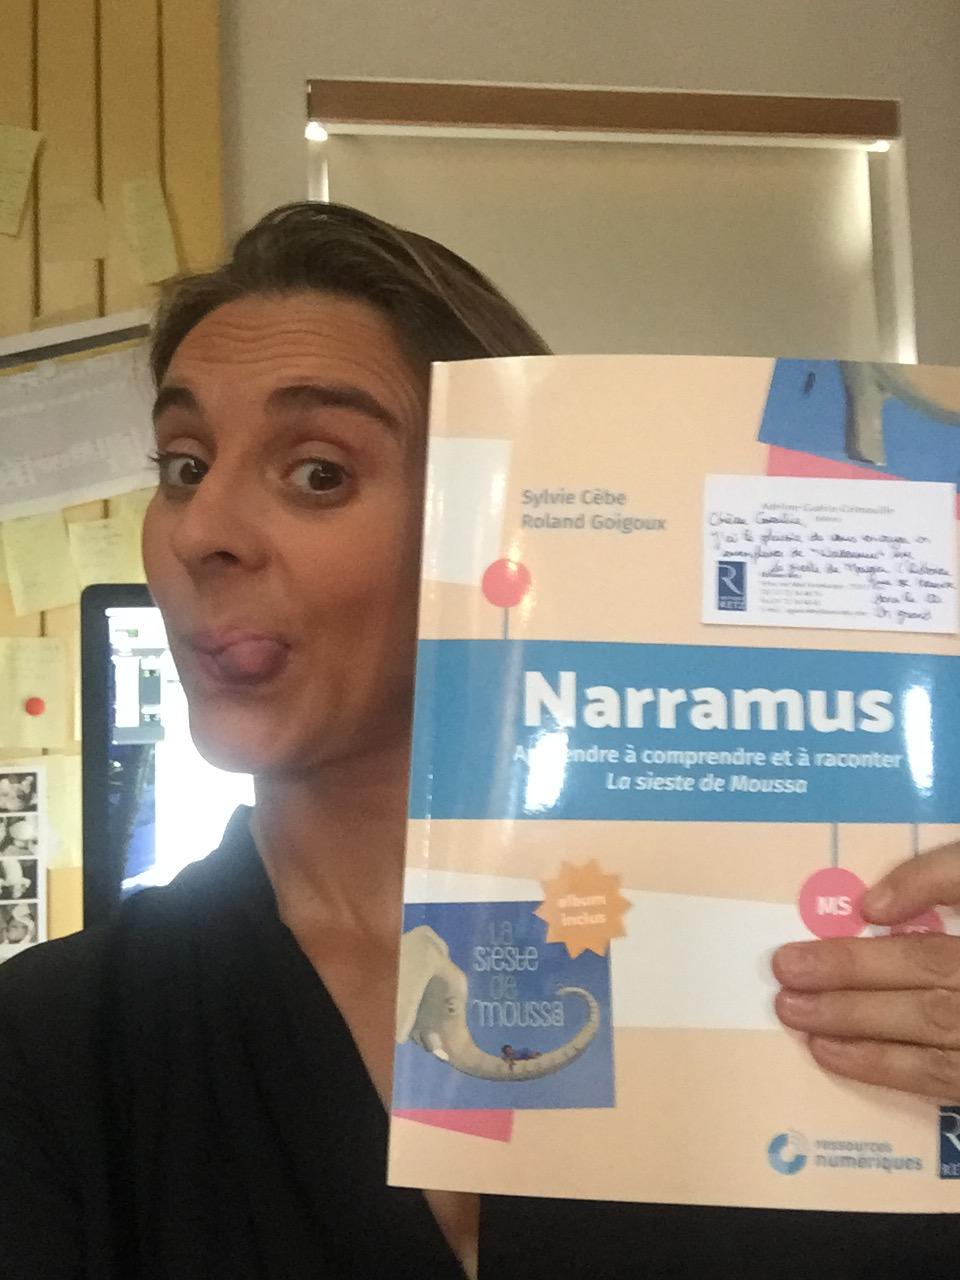 RENTREE AVEC NARRAMUS DES EDITIONS RETZ